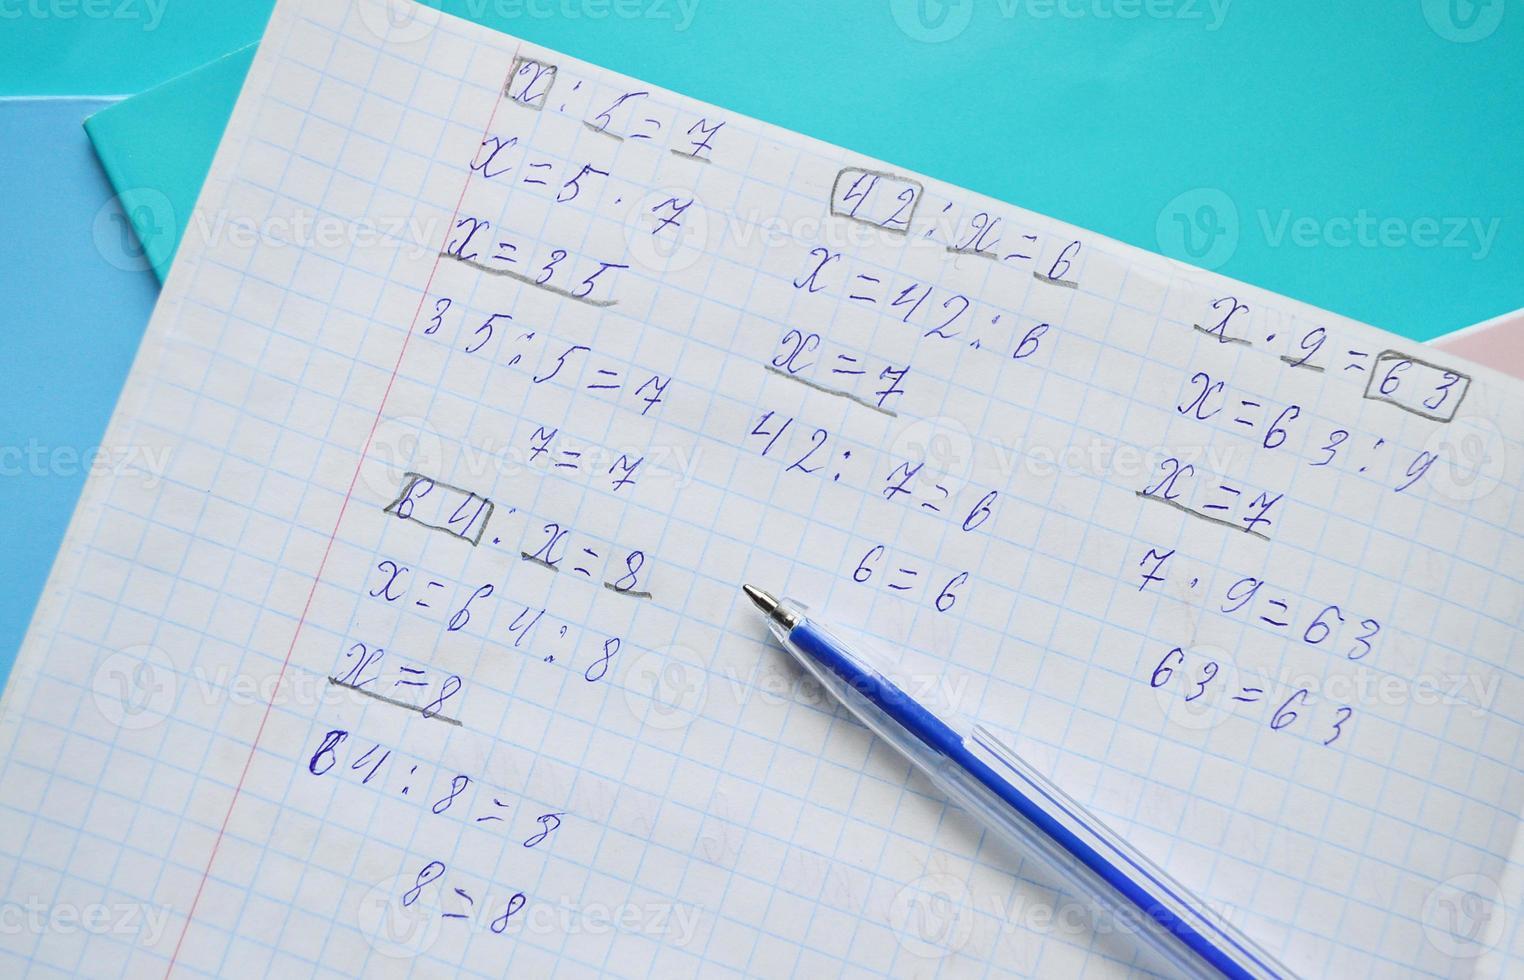 devoirs de mathématiques dans un cahier photo